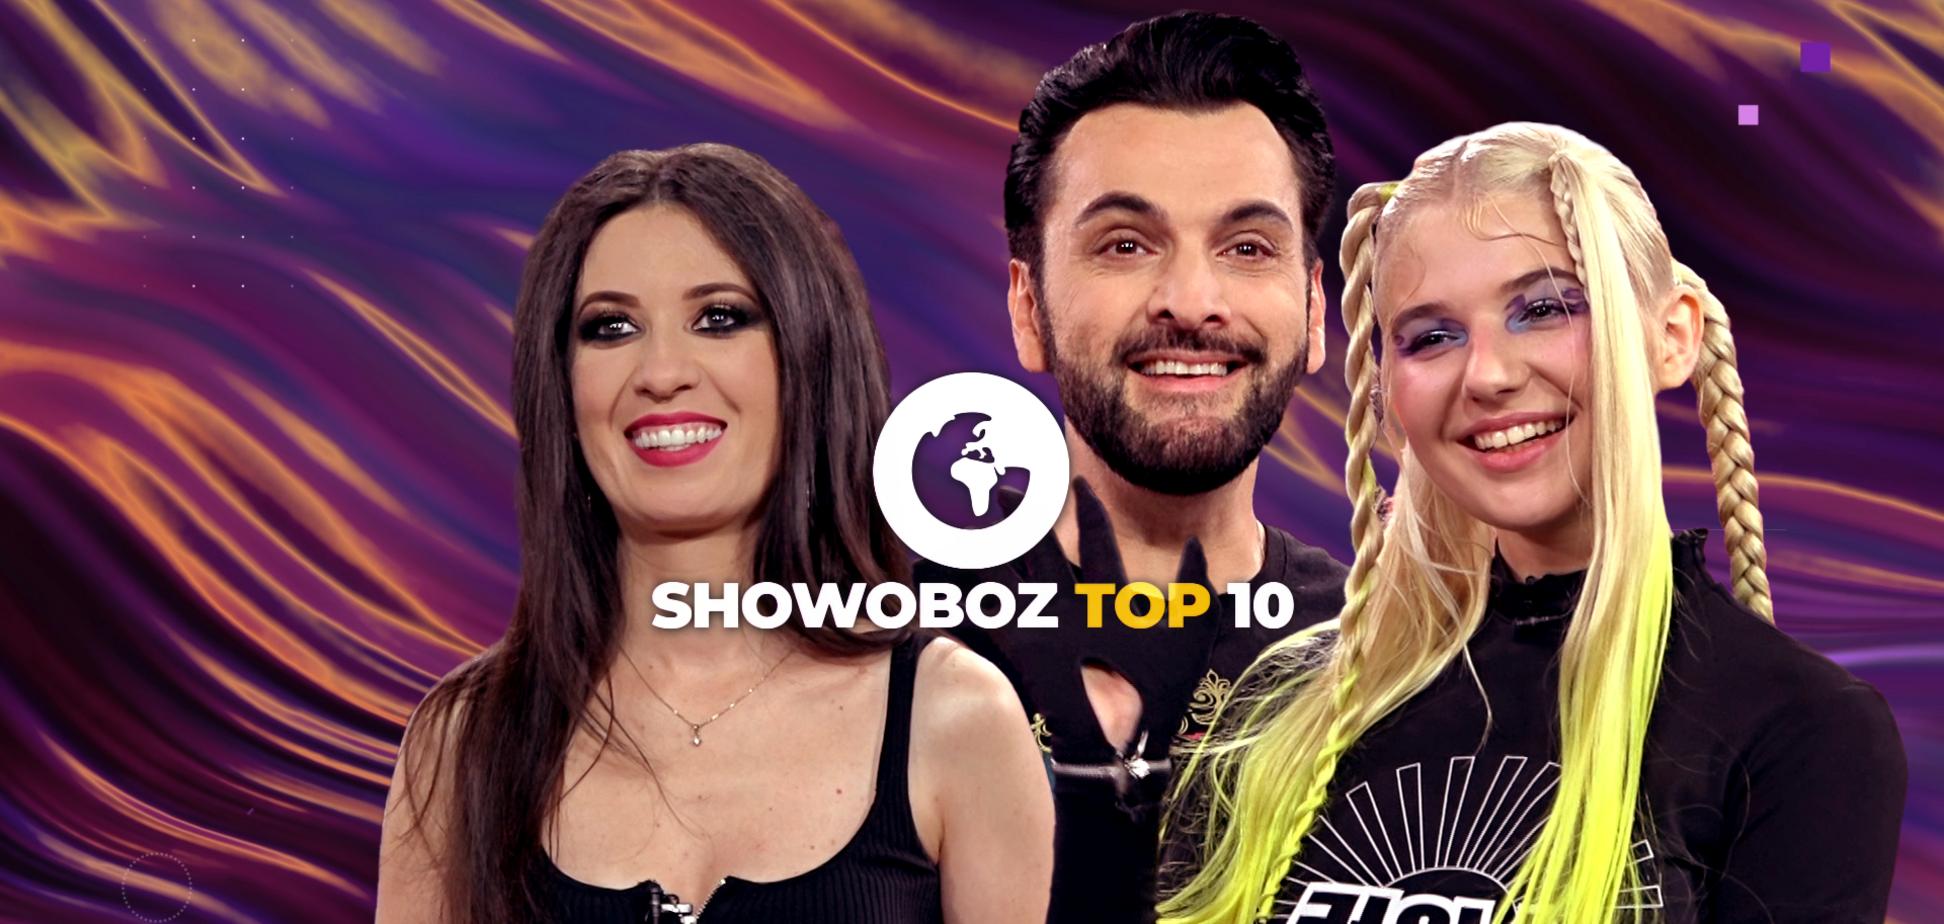 MONOIR feat. ENELI vs ЮЛІЯ ДУМАНСЬКА, прем'єра кліпу та живий виступ ULIANA ROYCE у ShowOboz TOP-10